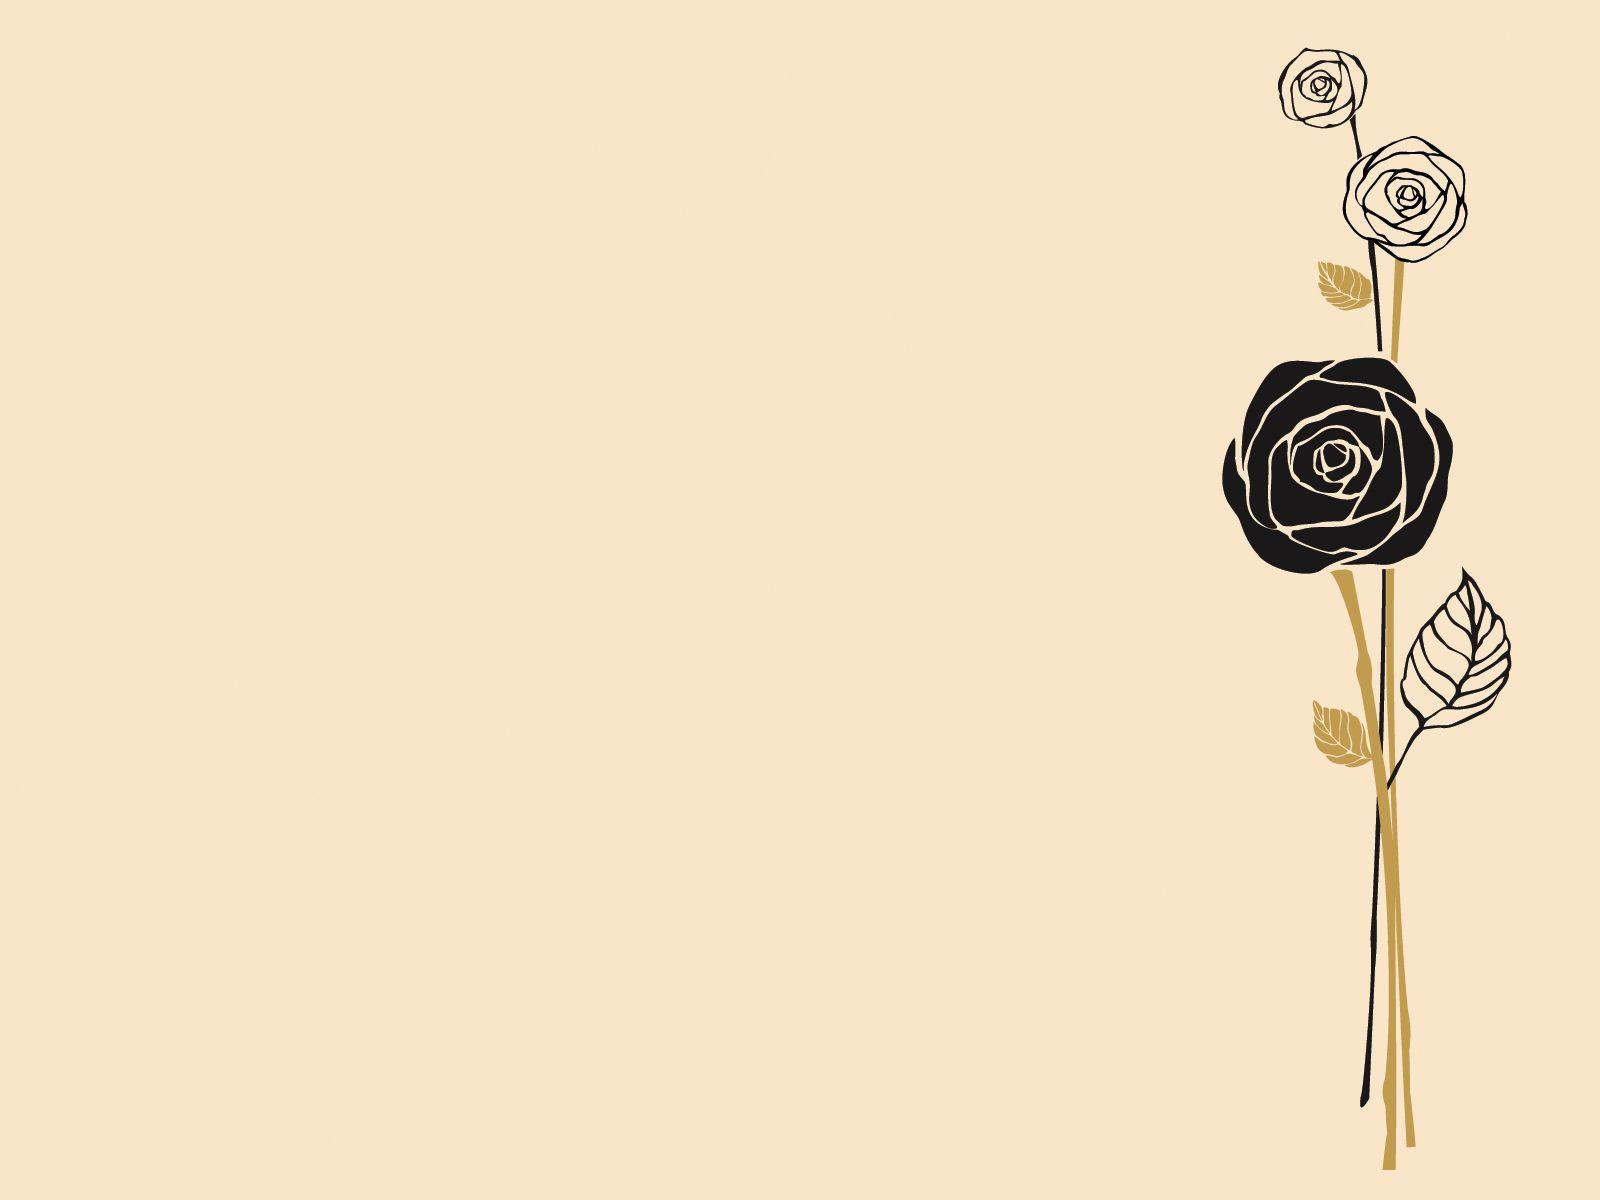 Pin Oleh Merry Di Dekorasi Gambar Latar Belakang Seni Islamis